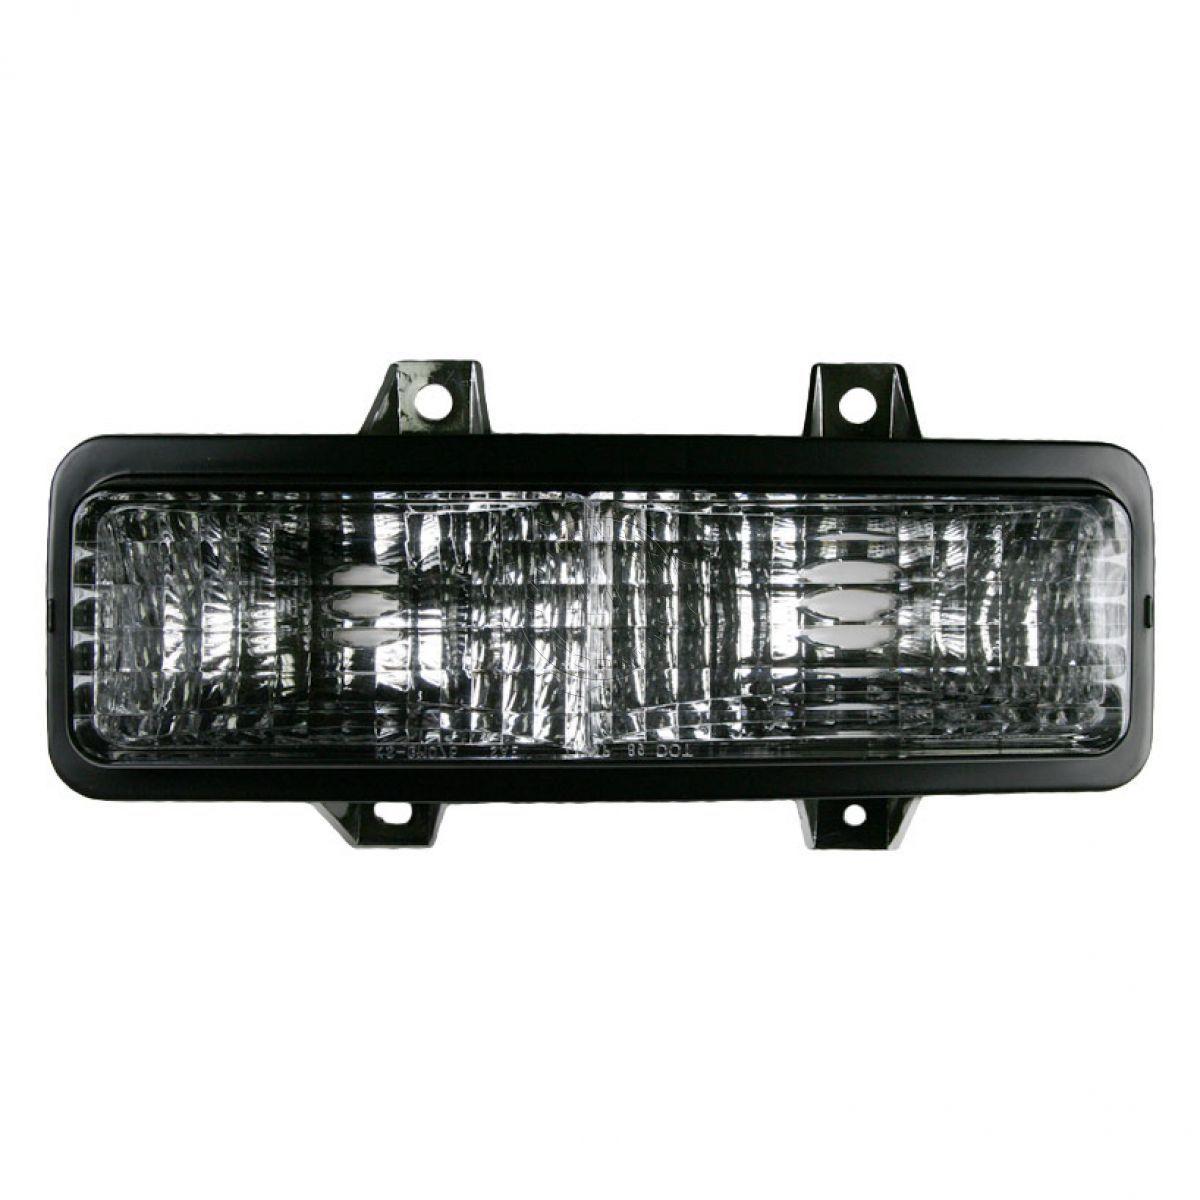 コーナーライト Side Corner Parking Light Passenger RH for Chevy Blazer Van GMC Jimmy R2500 シェビー・ブレイザー・バンGMCジミーR2500のサイド・コーナー・パーキングライト・インパイヤーRH